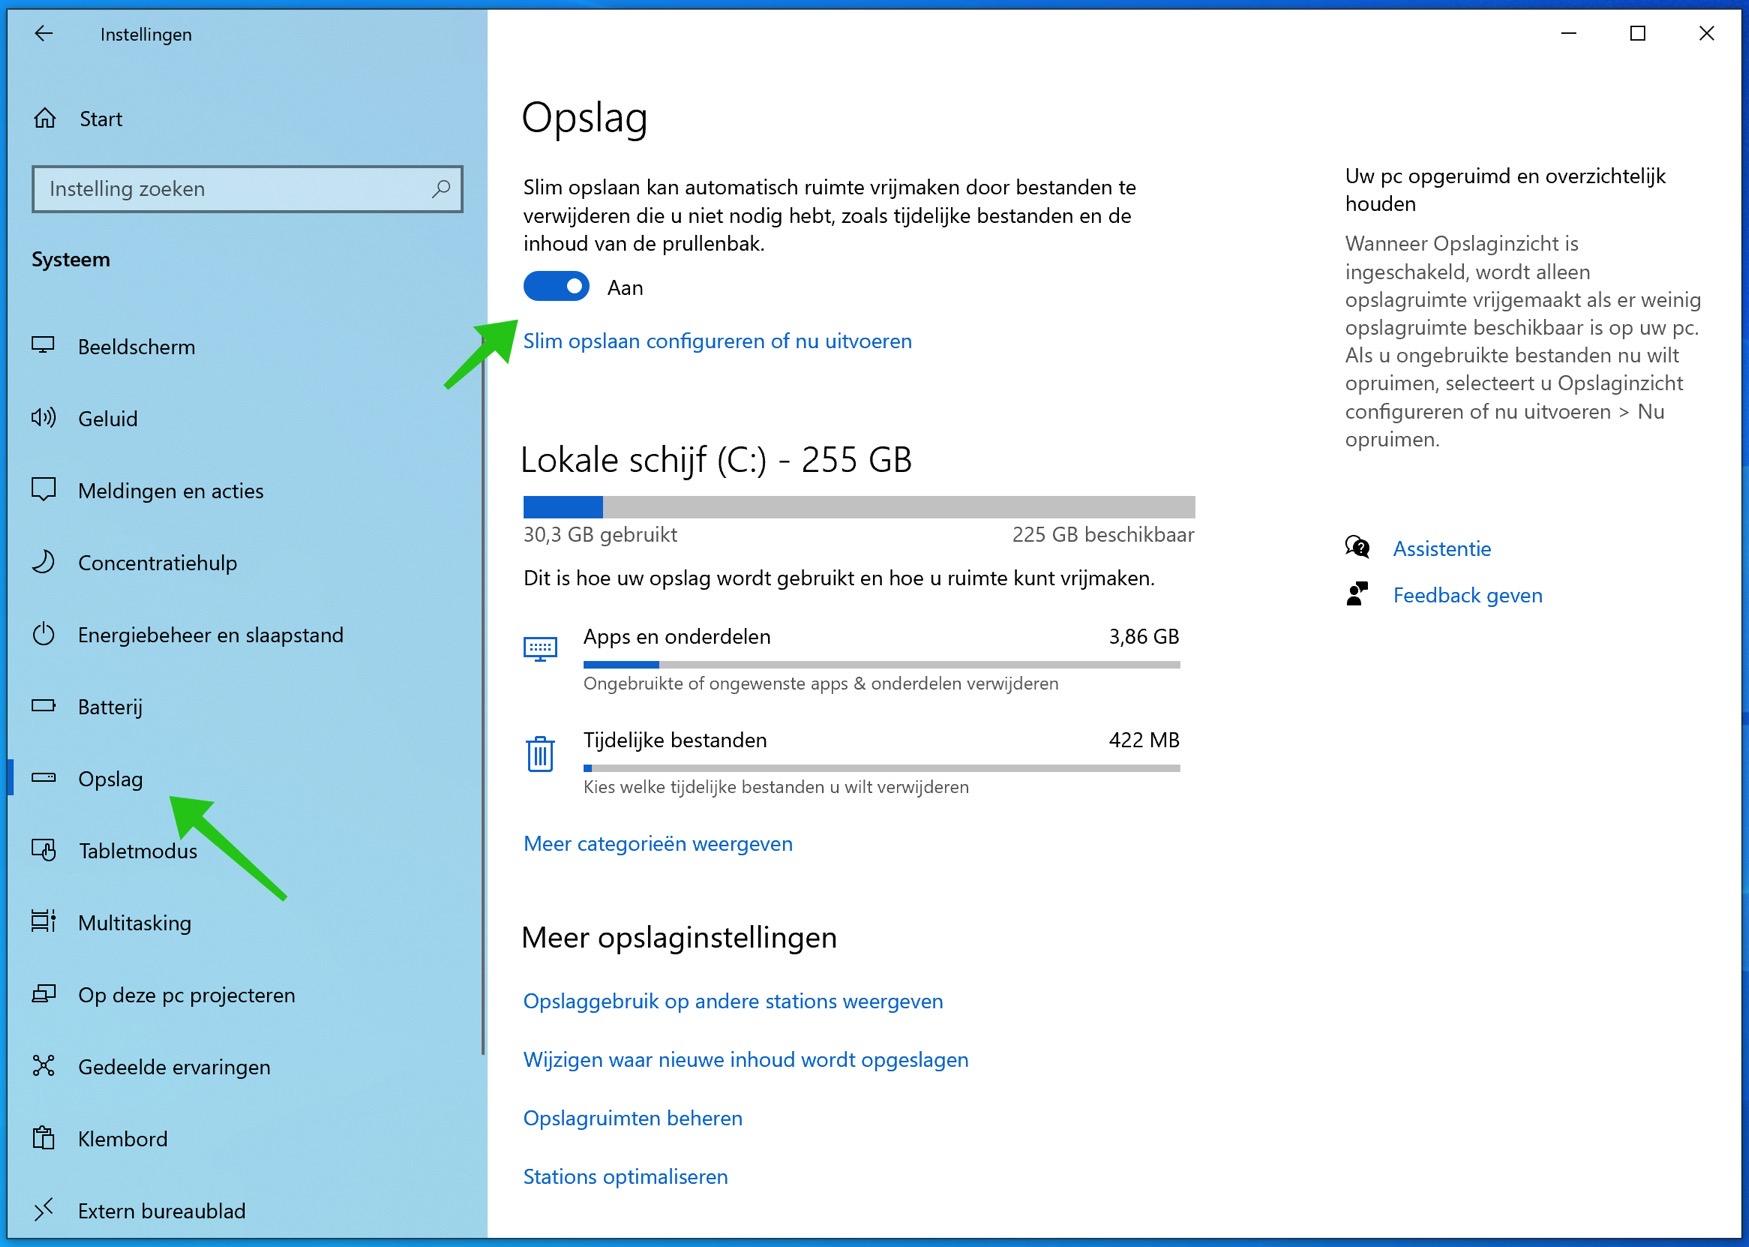 slimme opslag windows 10